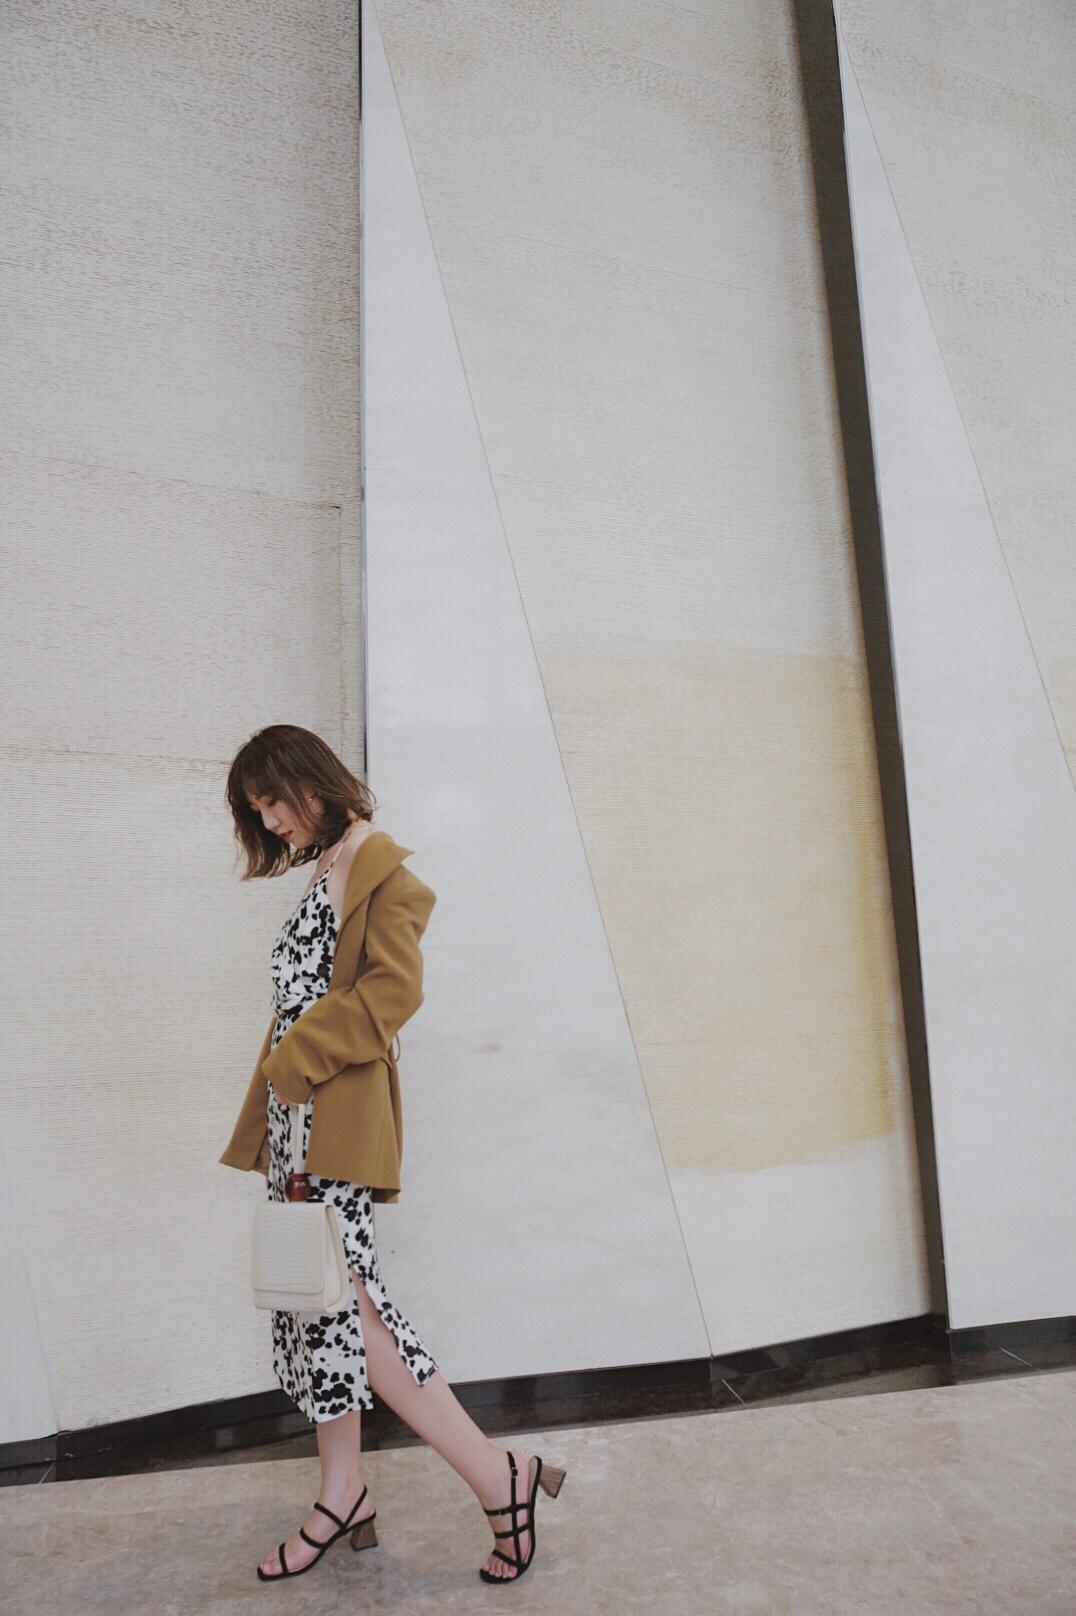 最近很喜欢animal print 比如这套UR的奶牛纹衣裙 是两件套来的,吊带上衣+腰裙 #160以下の增高穿搭手册#  最近在打折哦~ 这个时候穿再合适不过了。